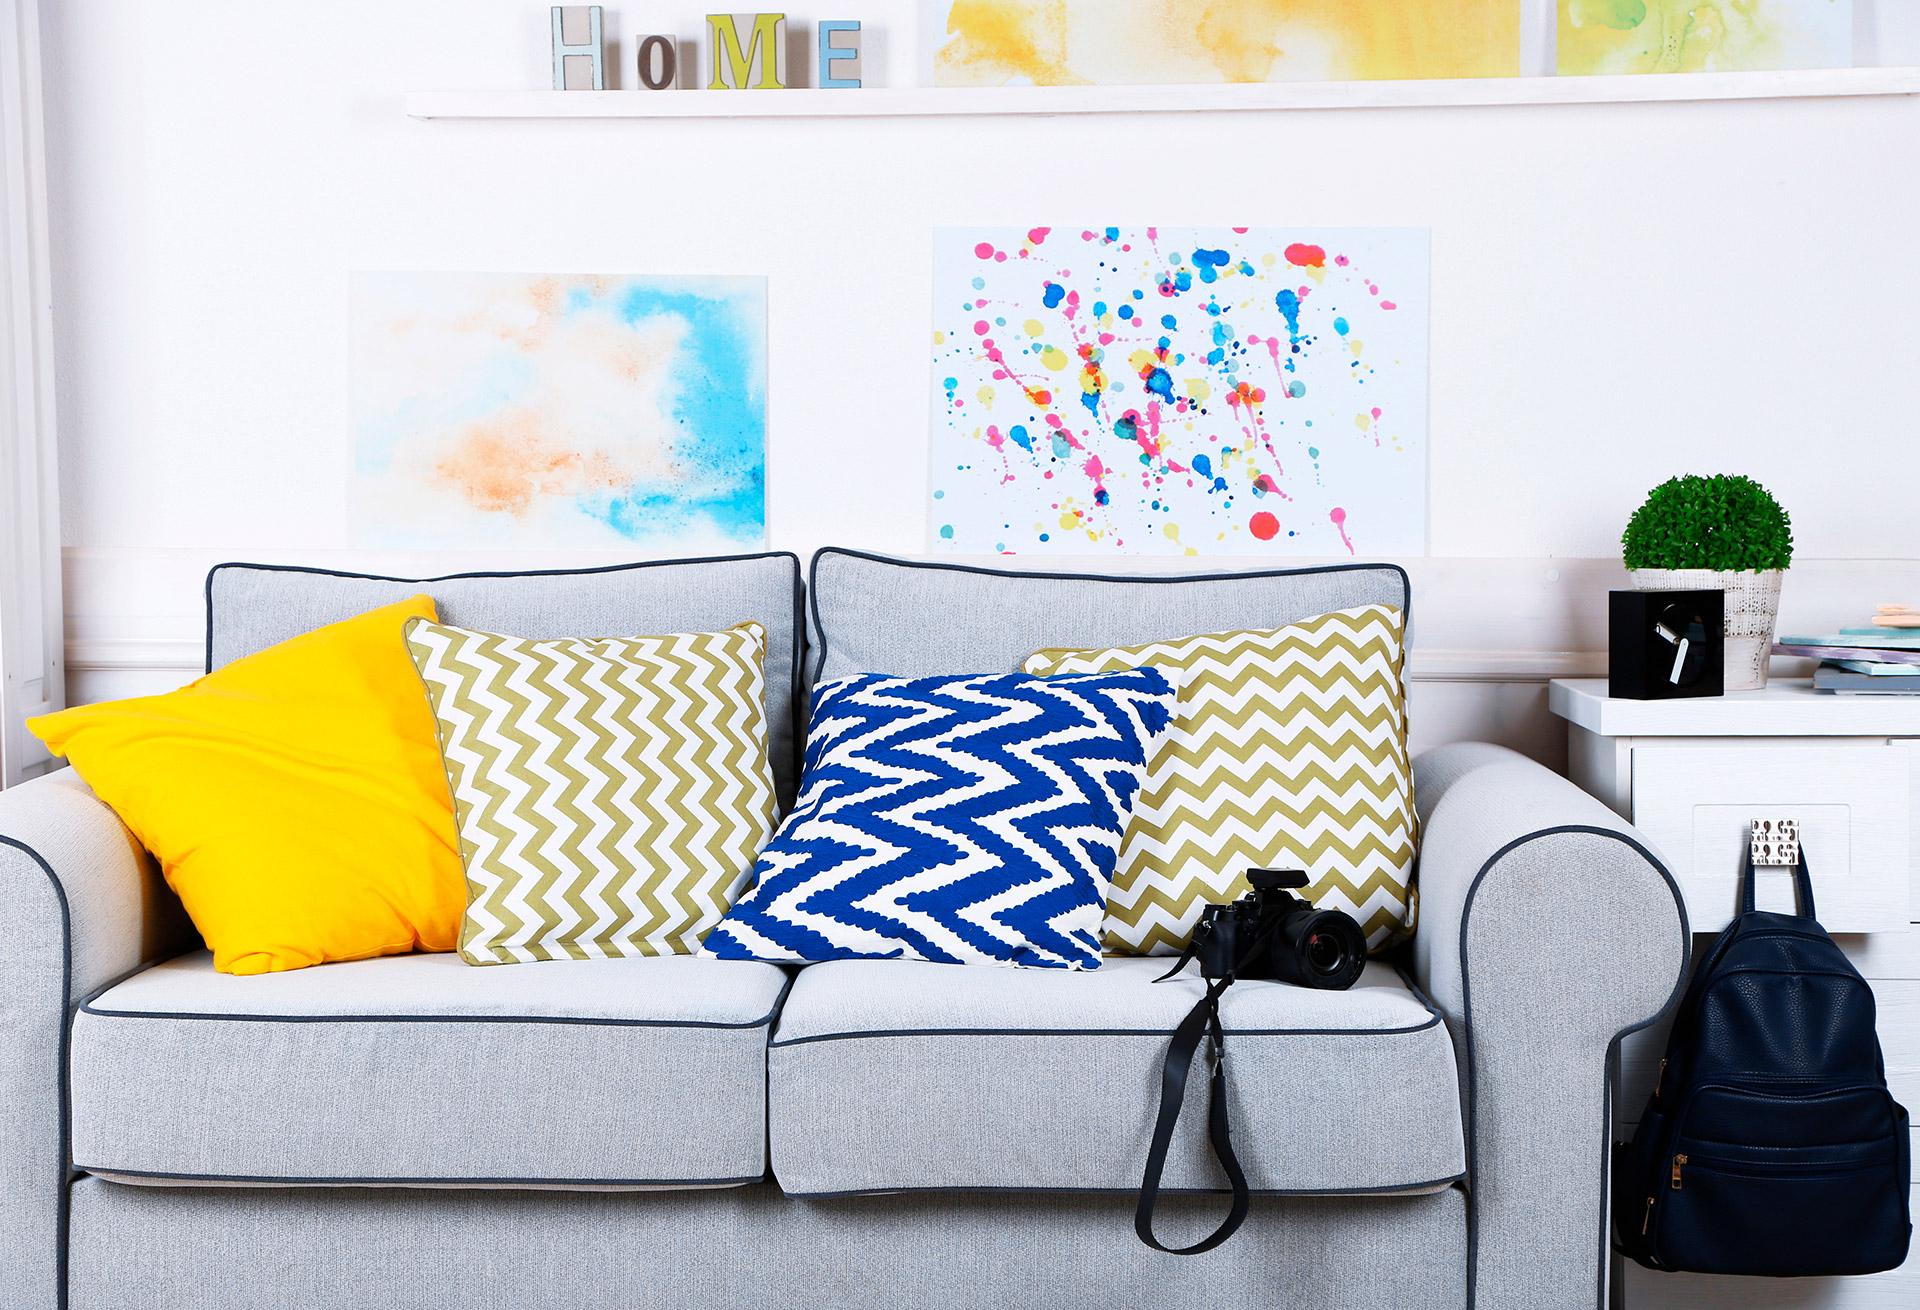 e8d4788f4a320 Decoração de casa  arquiteta dá dicas de como usar cores sem pintar parede